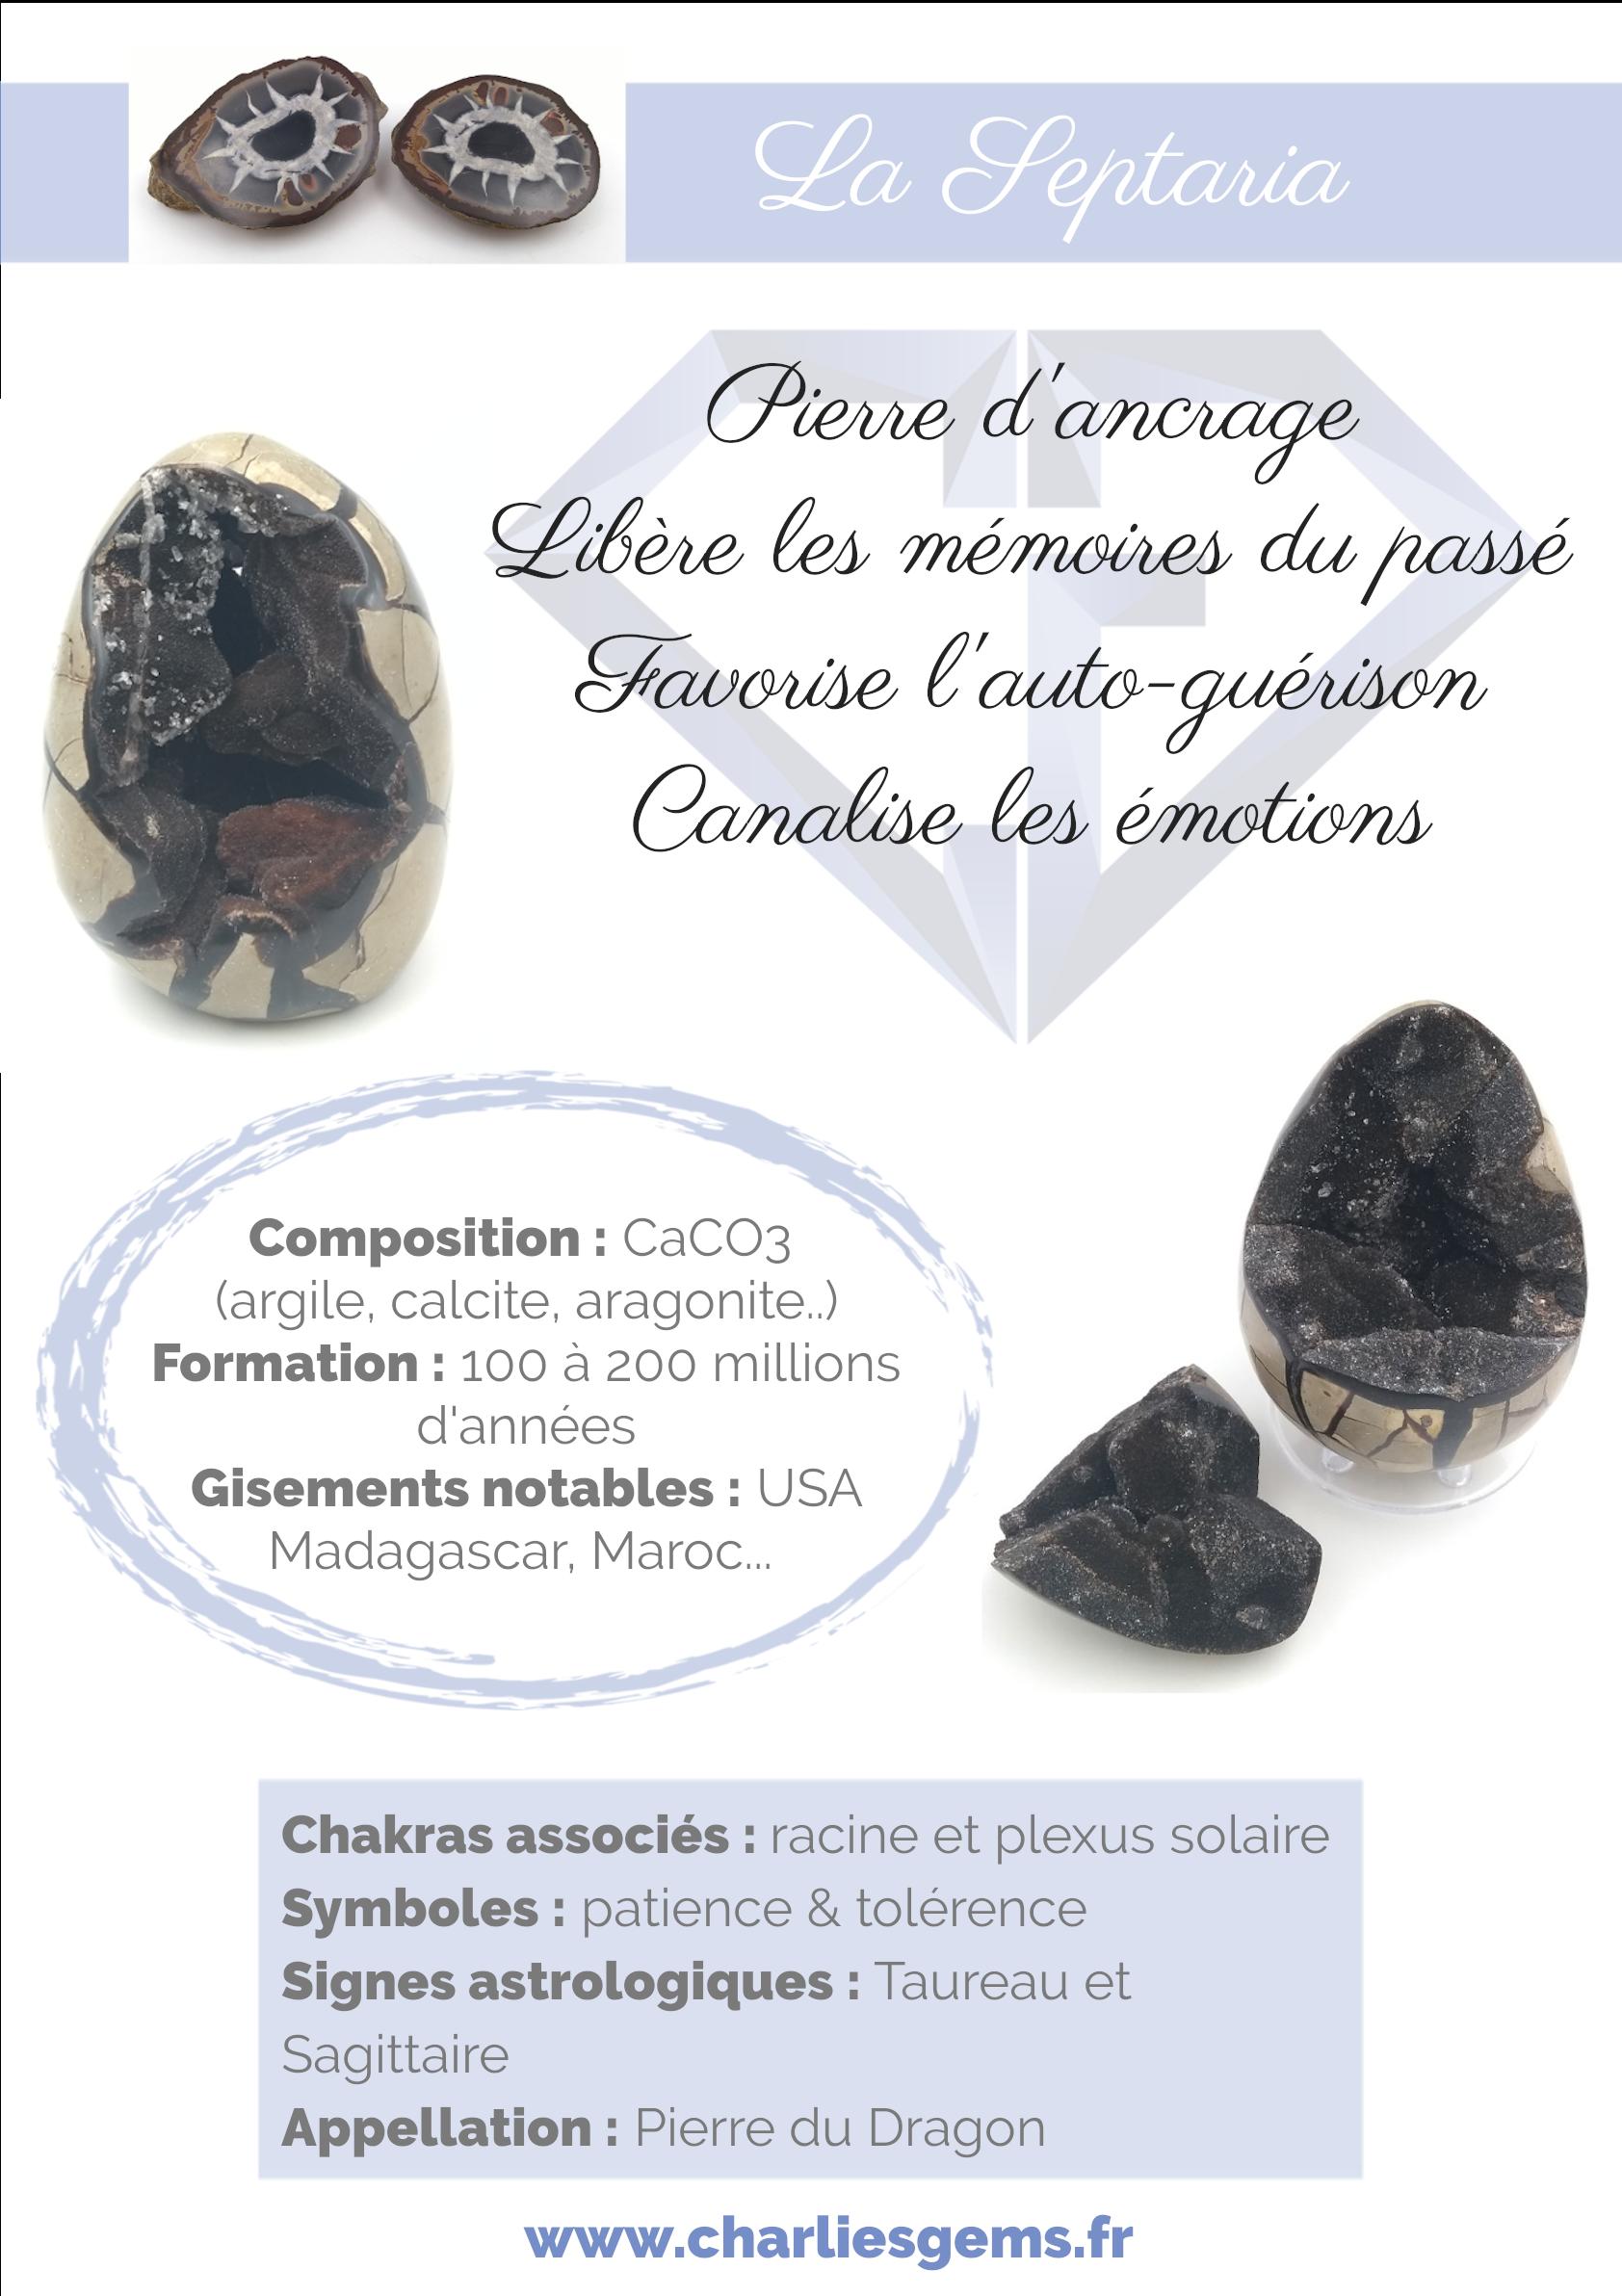 Fiche de présentation des septaires (description, lithothérapie, propriétés) - By Charlie's gems